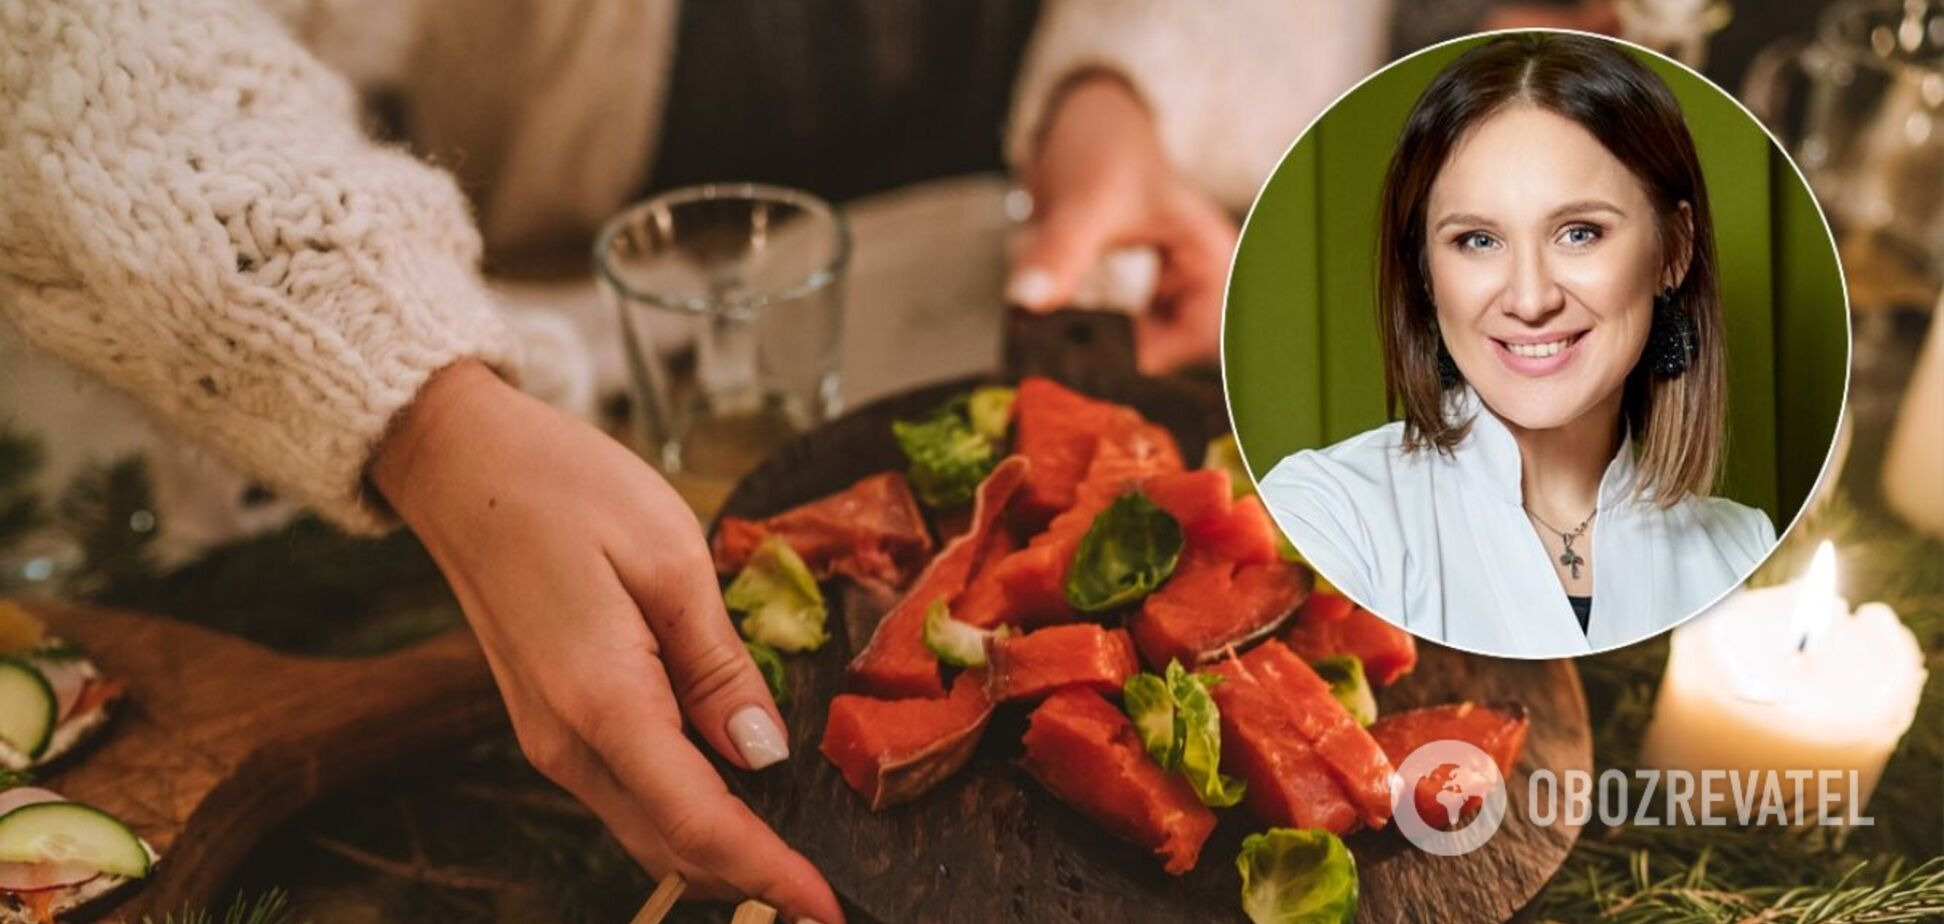 Зіркова дієтологиня Наталія Самойленко розповіла, як не погладшати після новорічного застілля